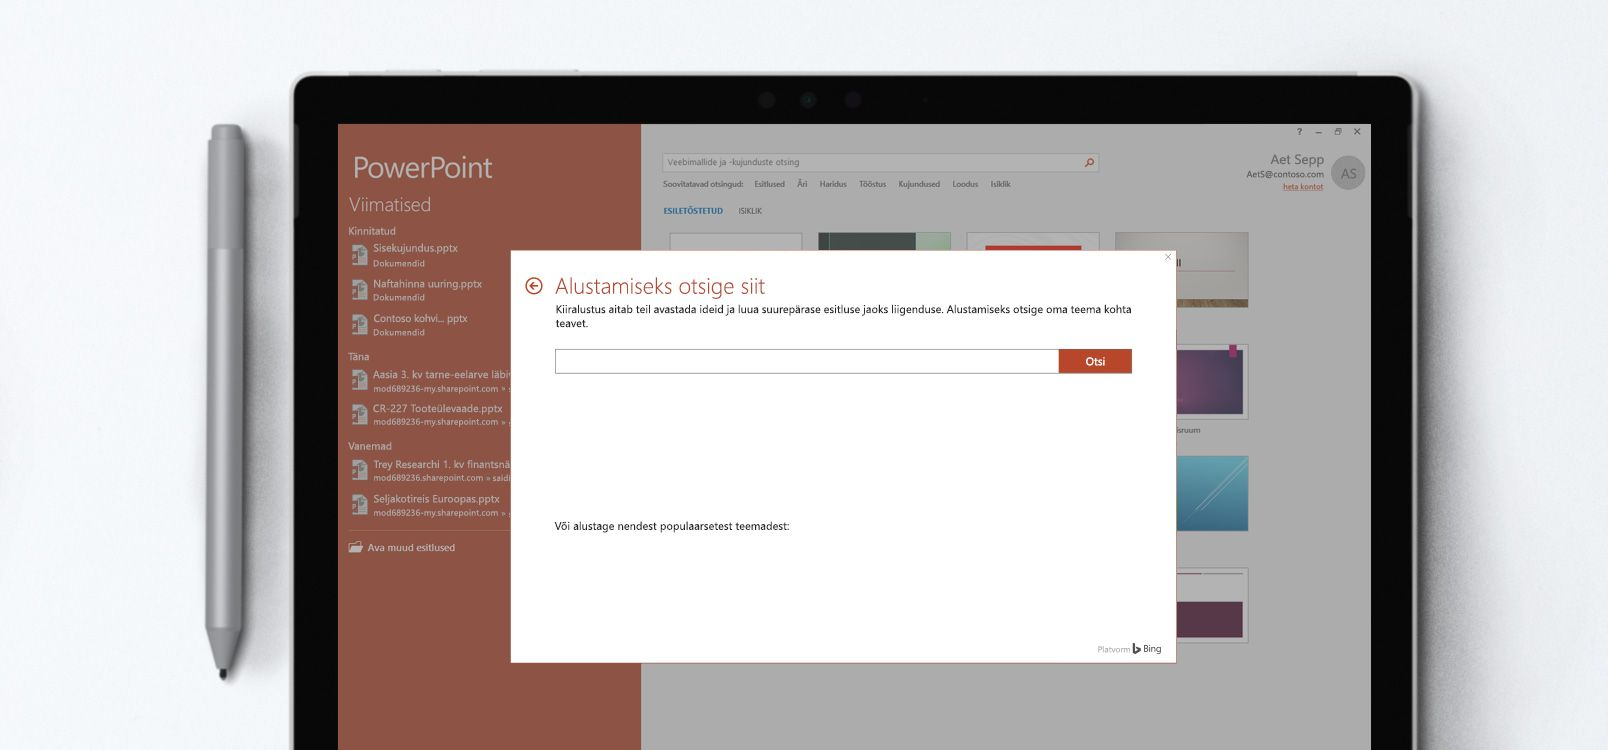 Tahvelarvuti ekraan, kus on kujutatud kiiralustuse funktsiooni kasutamist PowerPointi esitluses